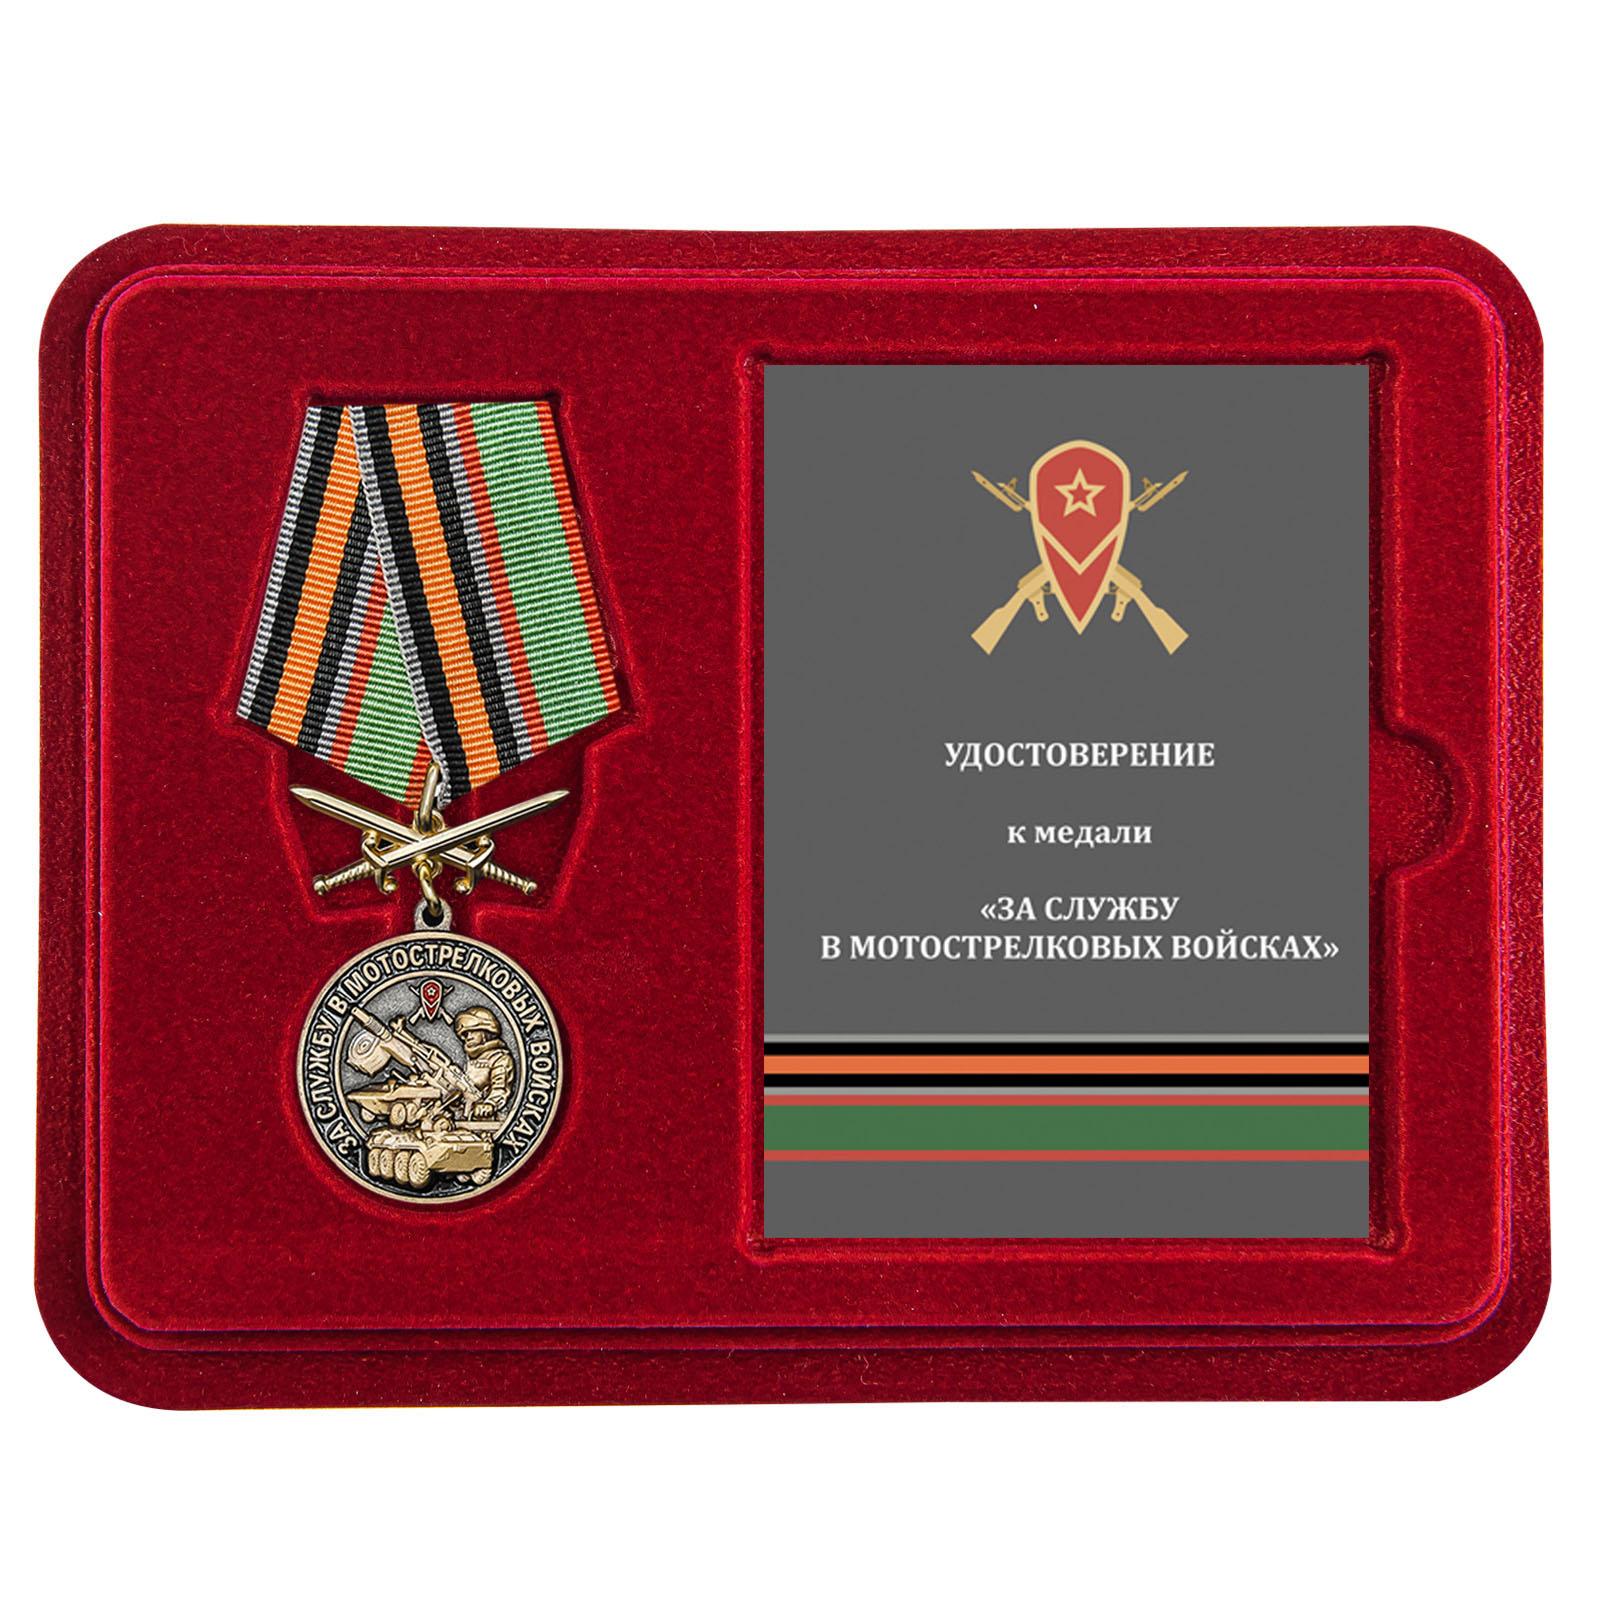 Купить медаль За службу в Мотострелковых войсках с доставкой в ваш город